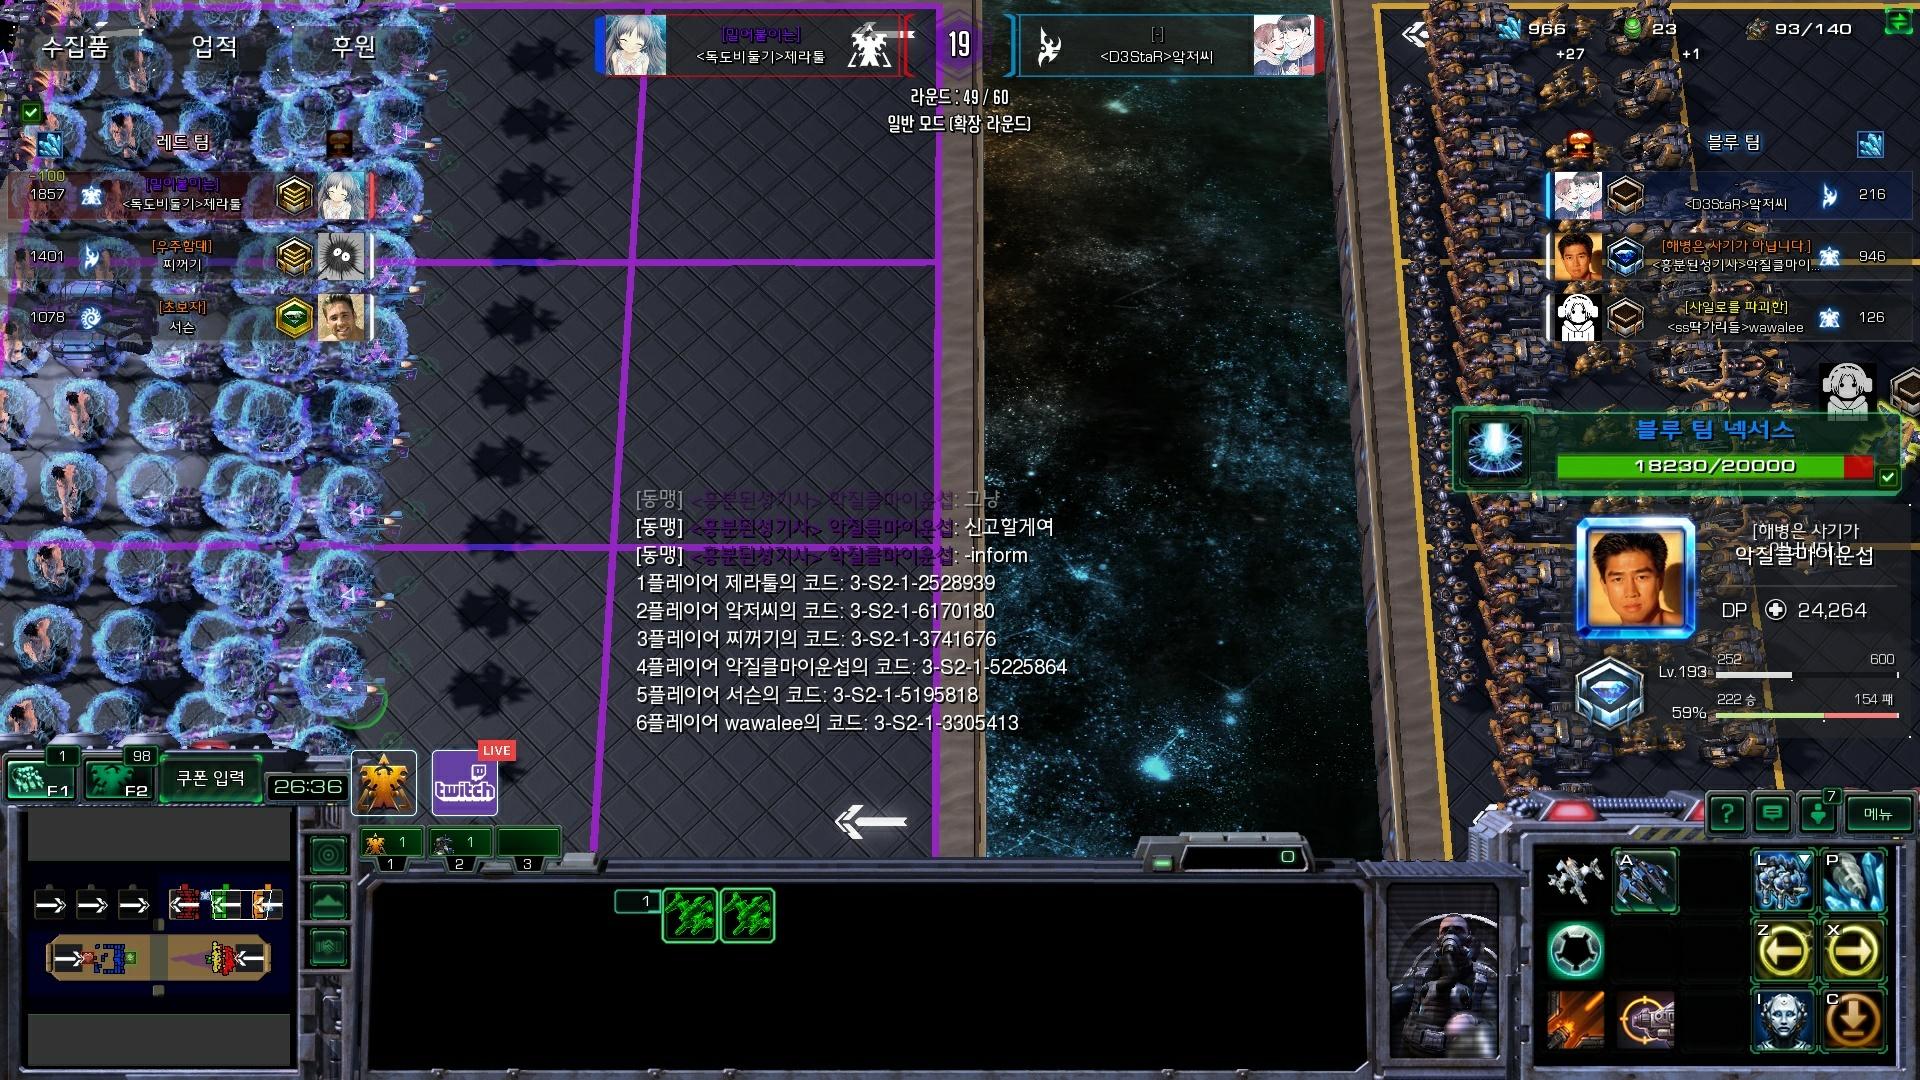 Screenshot2019-05-16 17_03_51.jpg